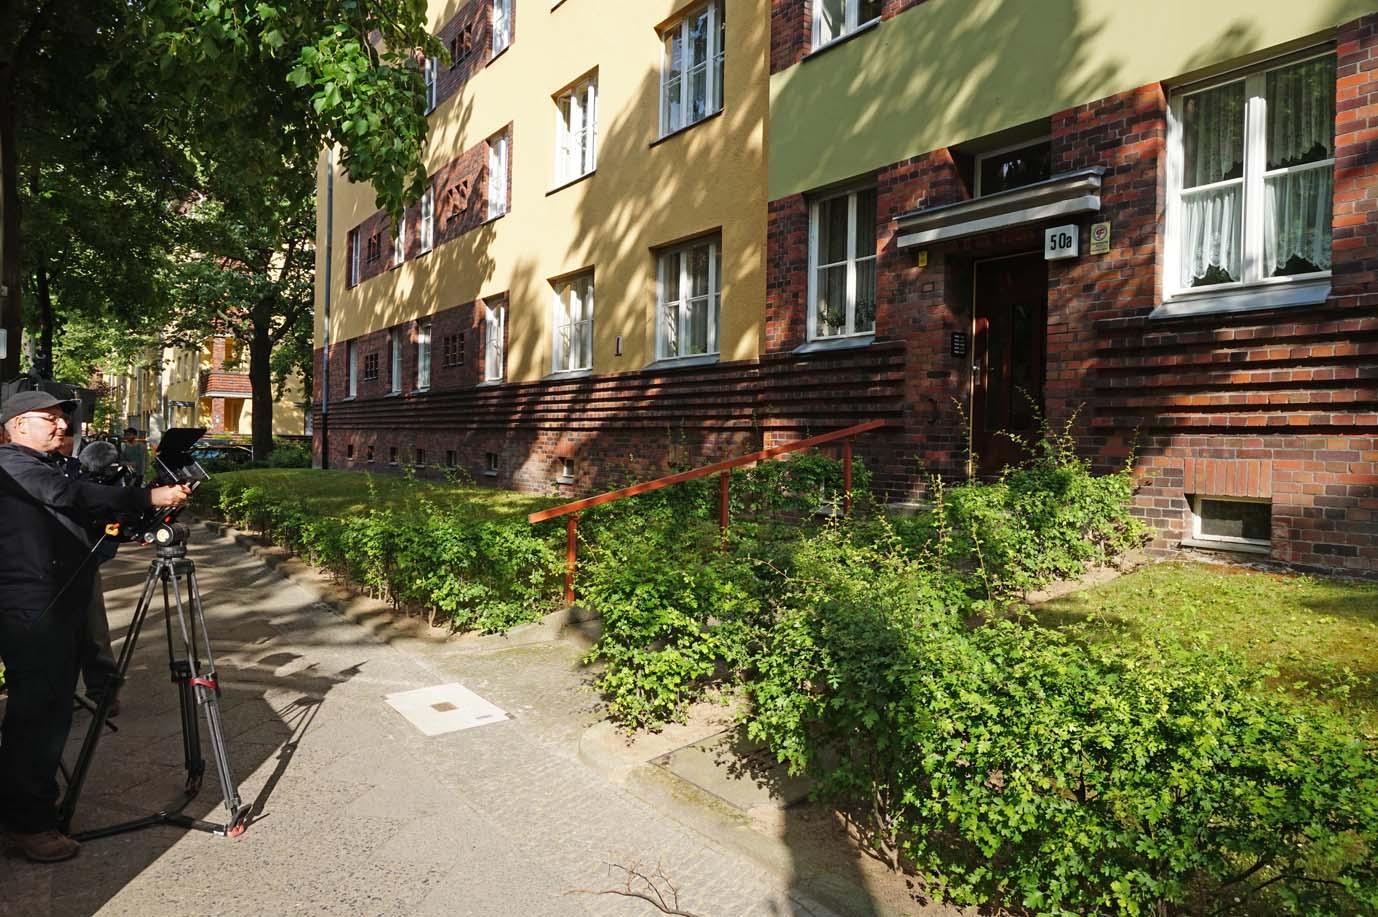 auf wilhelm reichs spuren in berlin in europa haben aufnahmen f r einen neuen dokumentar film. Black Bedroom Furniture Sets. Home Design Ideas